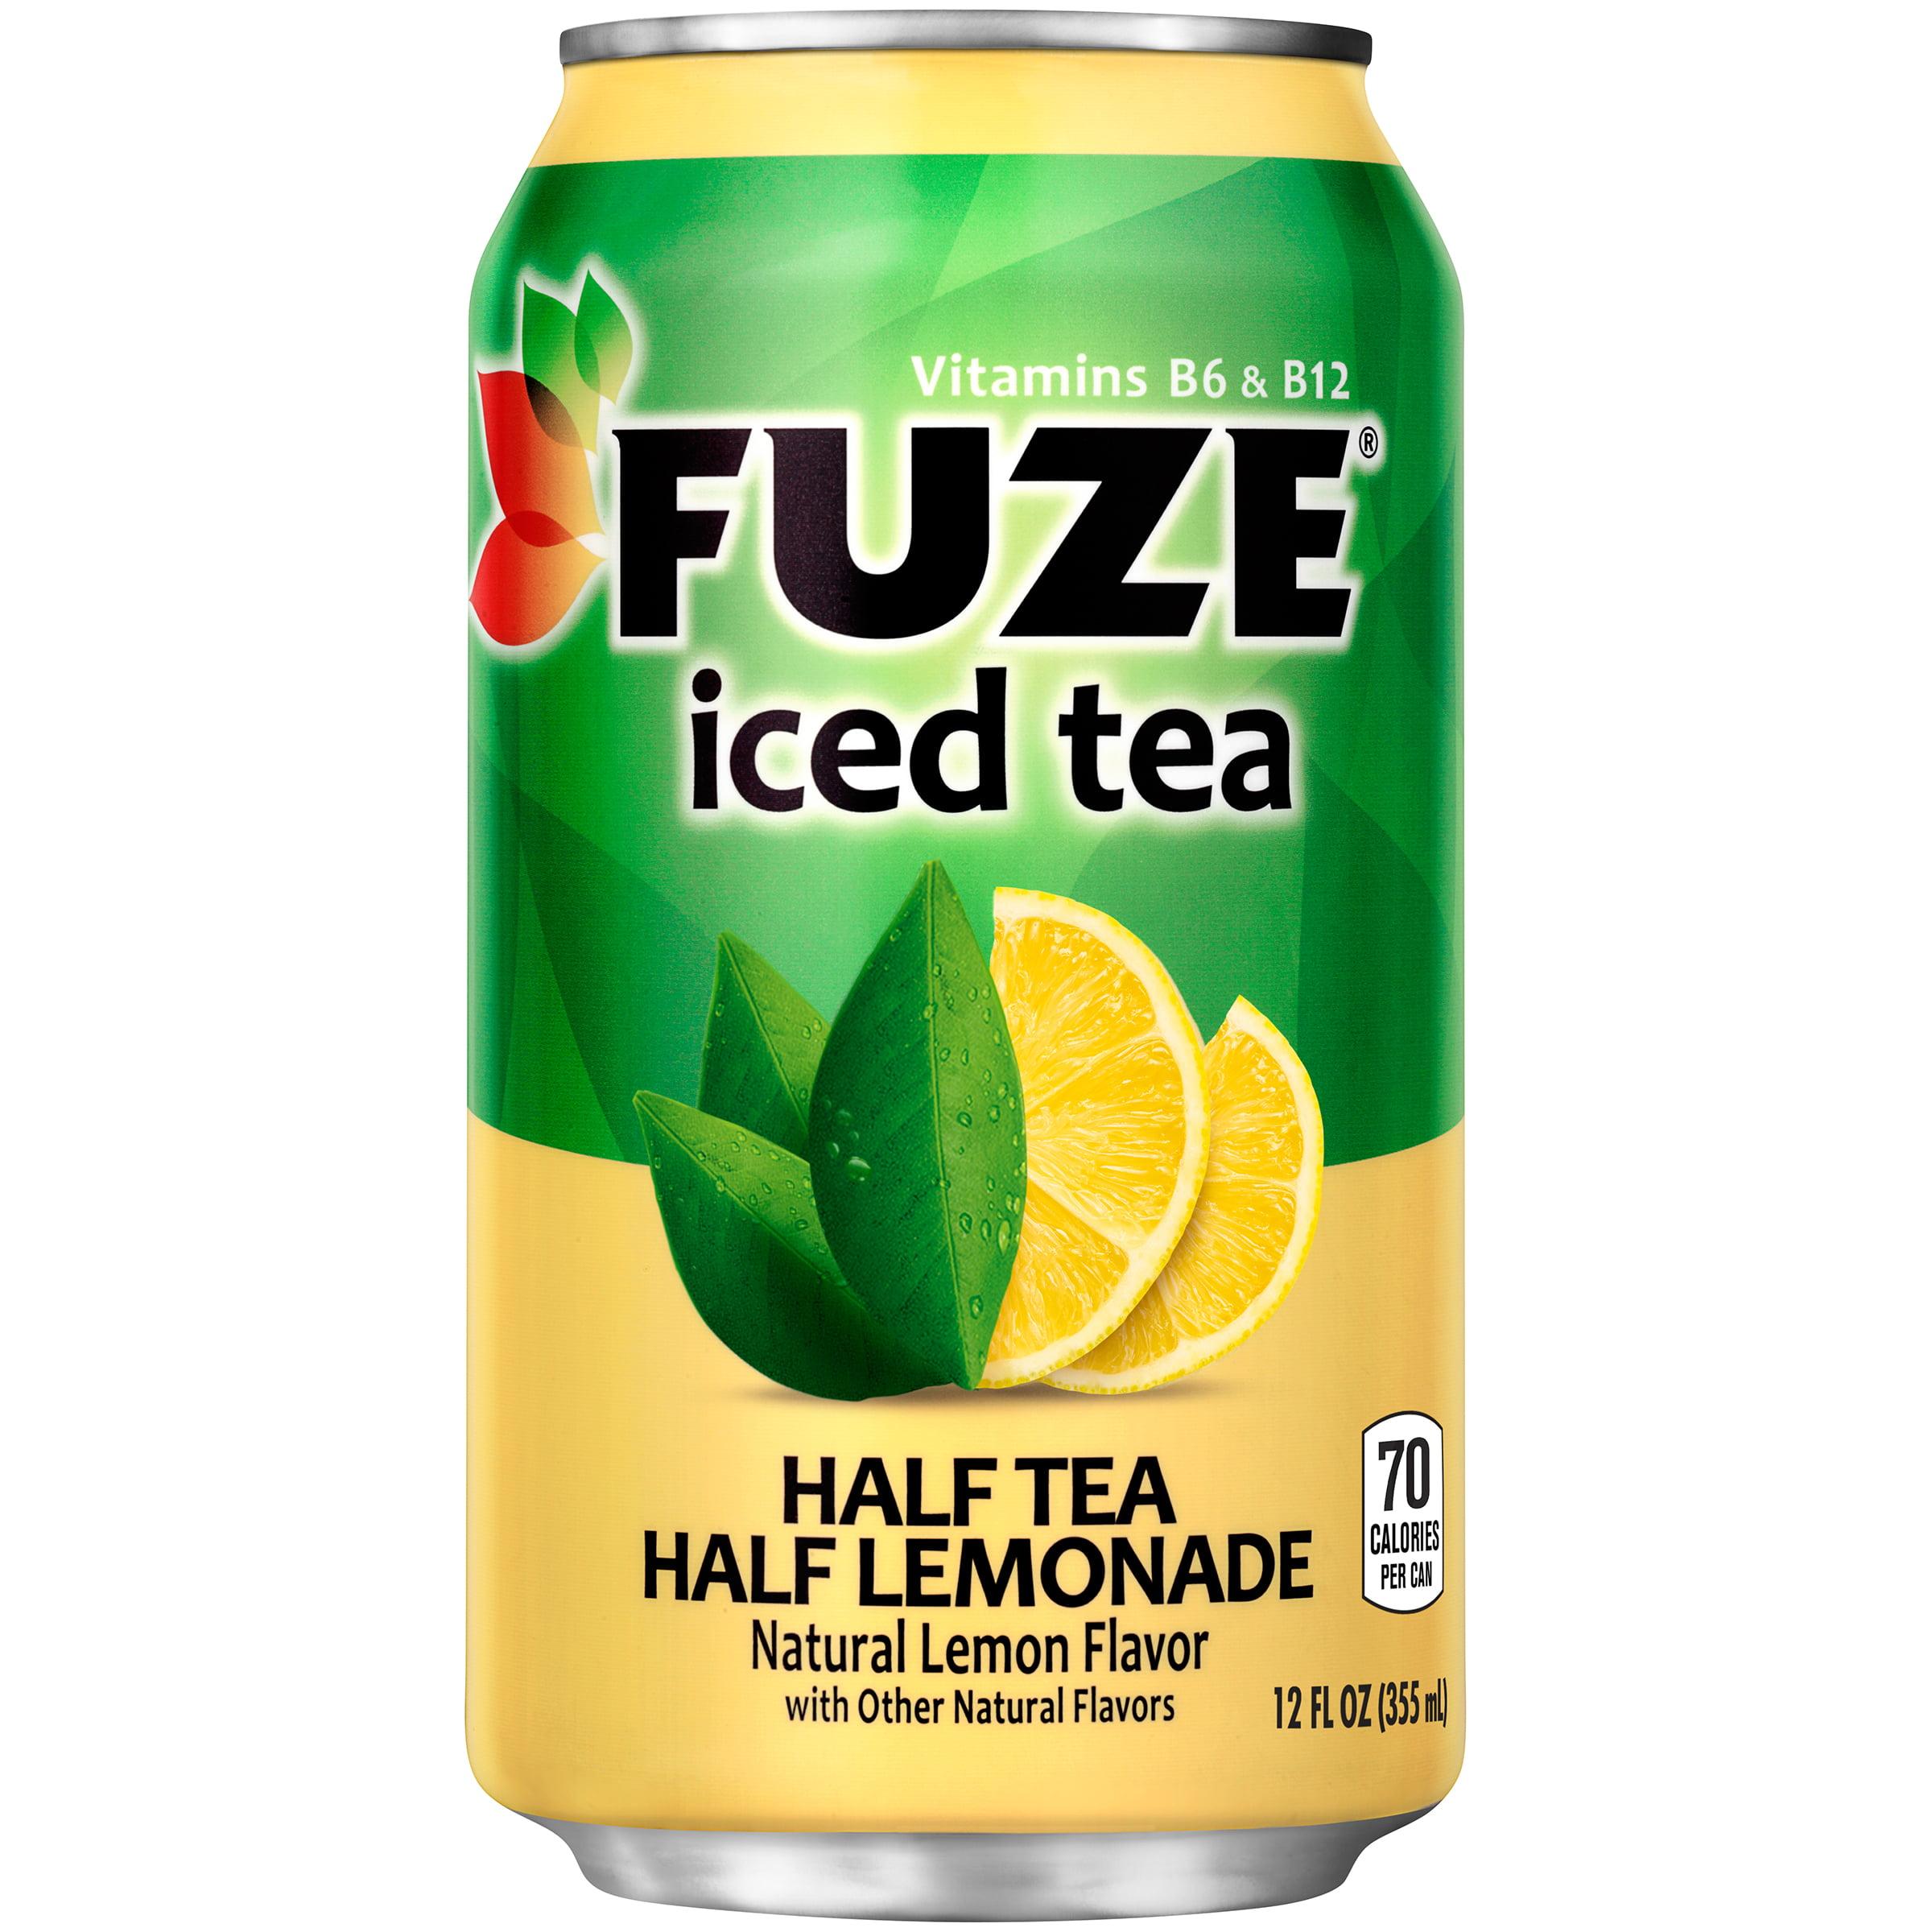 FUZE Half Tea & Half Lemonade Iced Tea